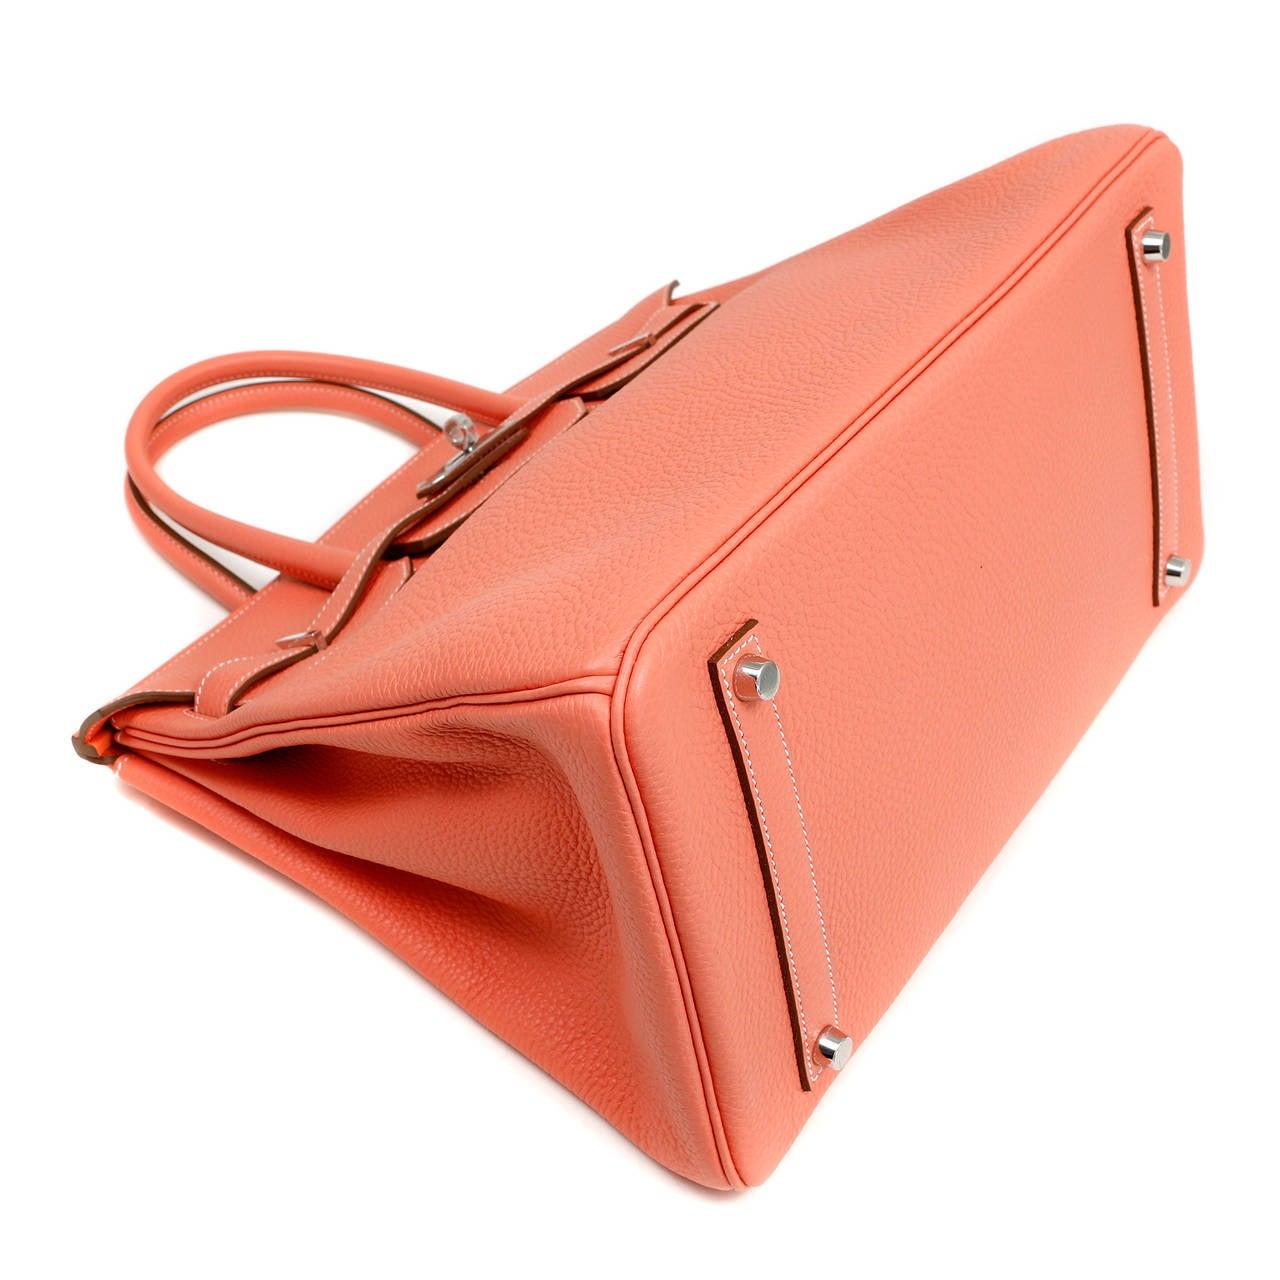 hermes birkin pink ostrich leather - hermes crevette togo 35 cm birkin bag- salmon pink color, hermes ...